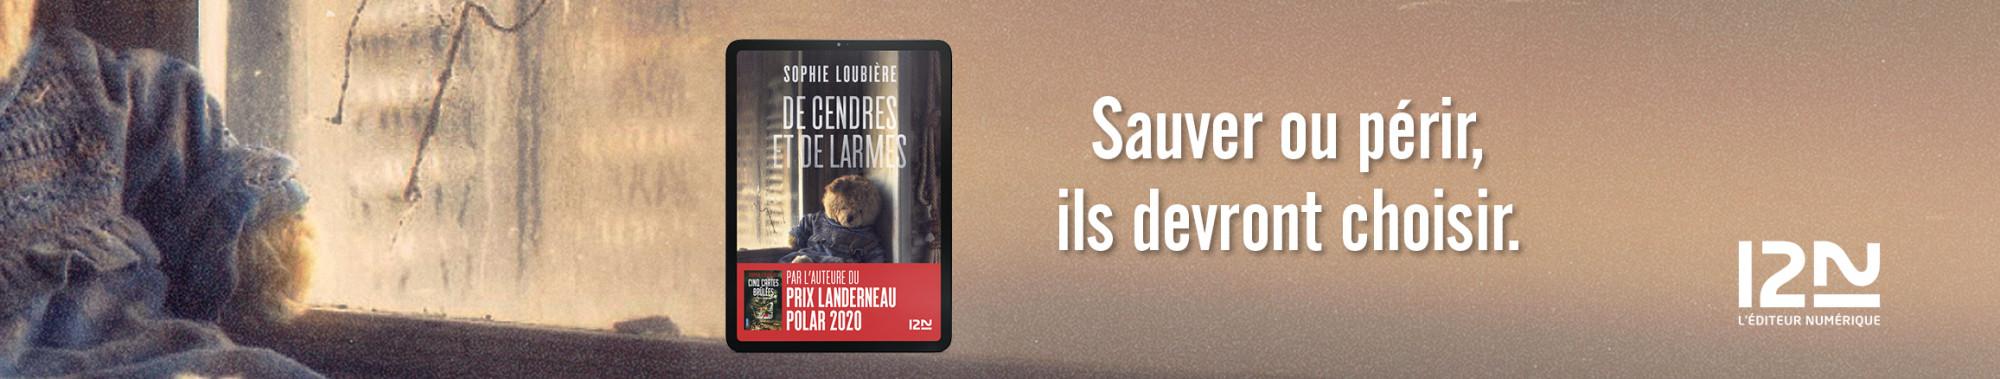 Bannière - 12-21 - De cendres et de larmes - Sophie LOUBIERE